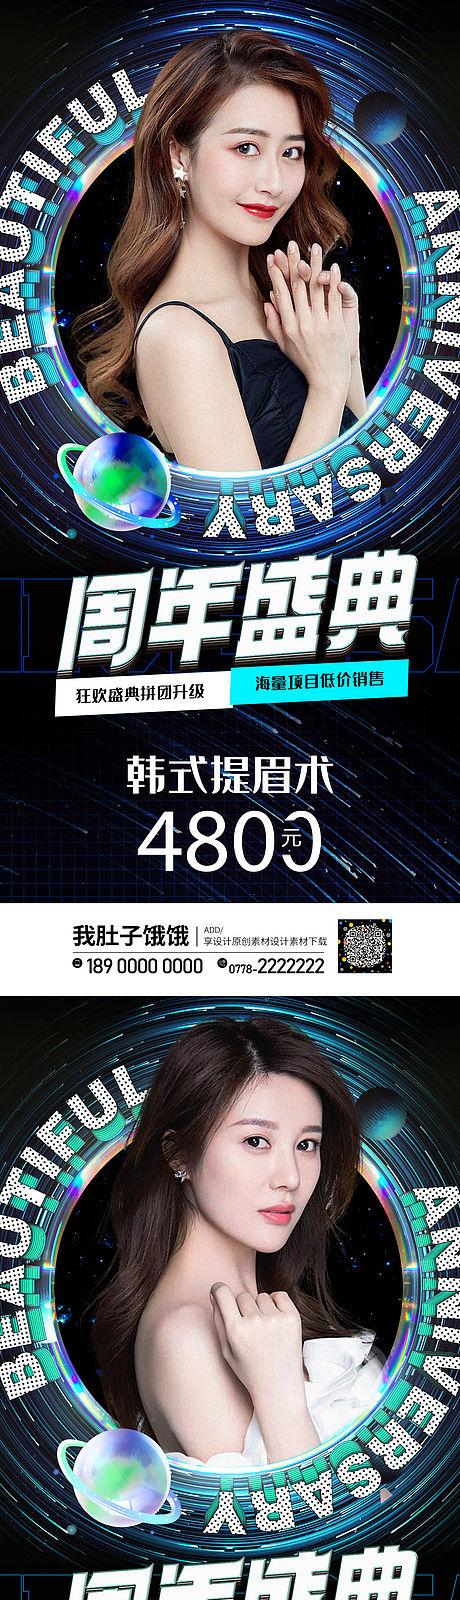 医美周年庆促销海报-源文件